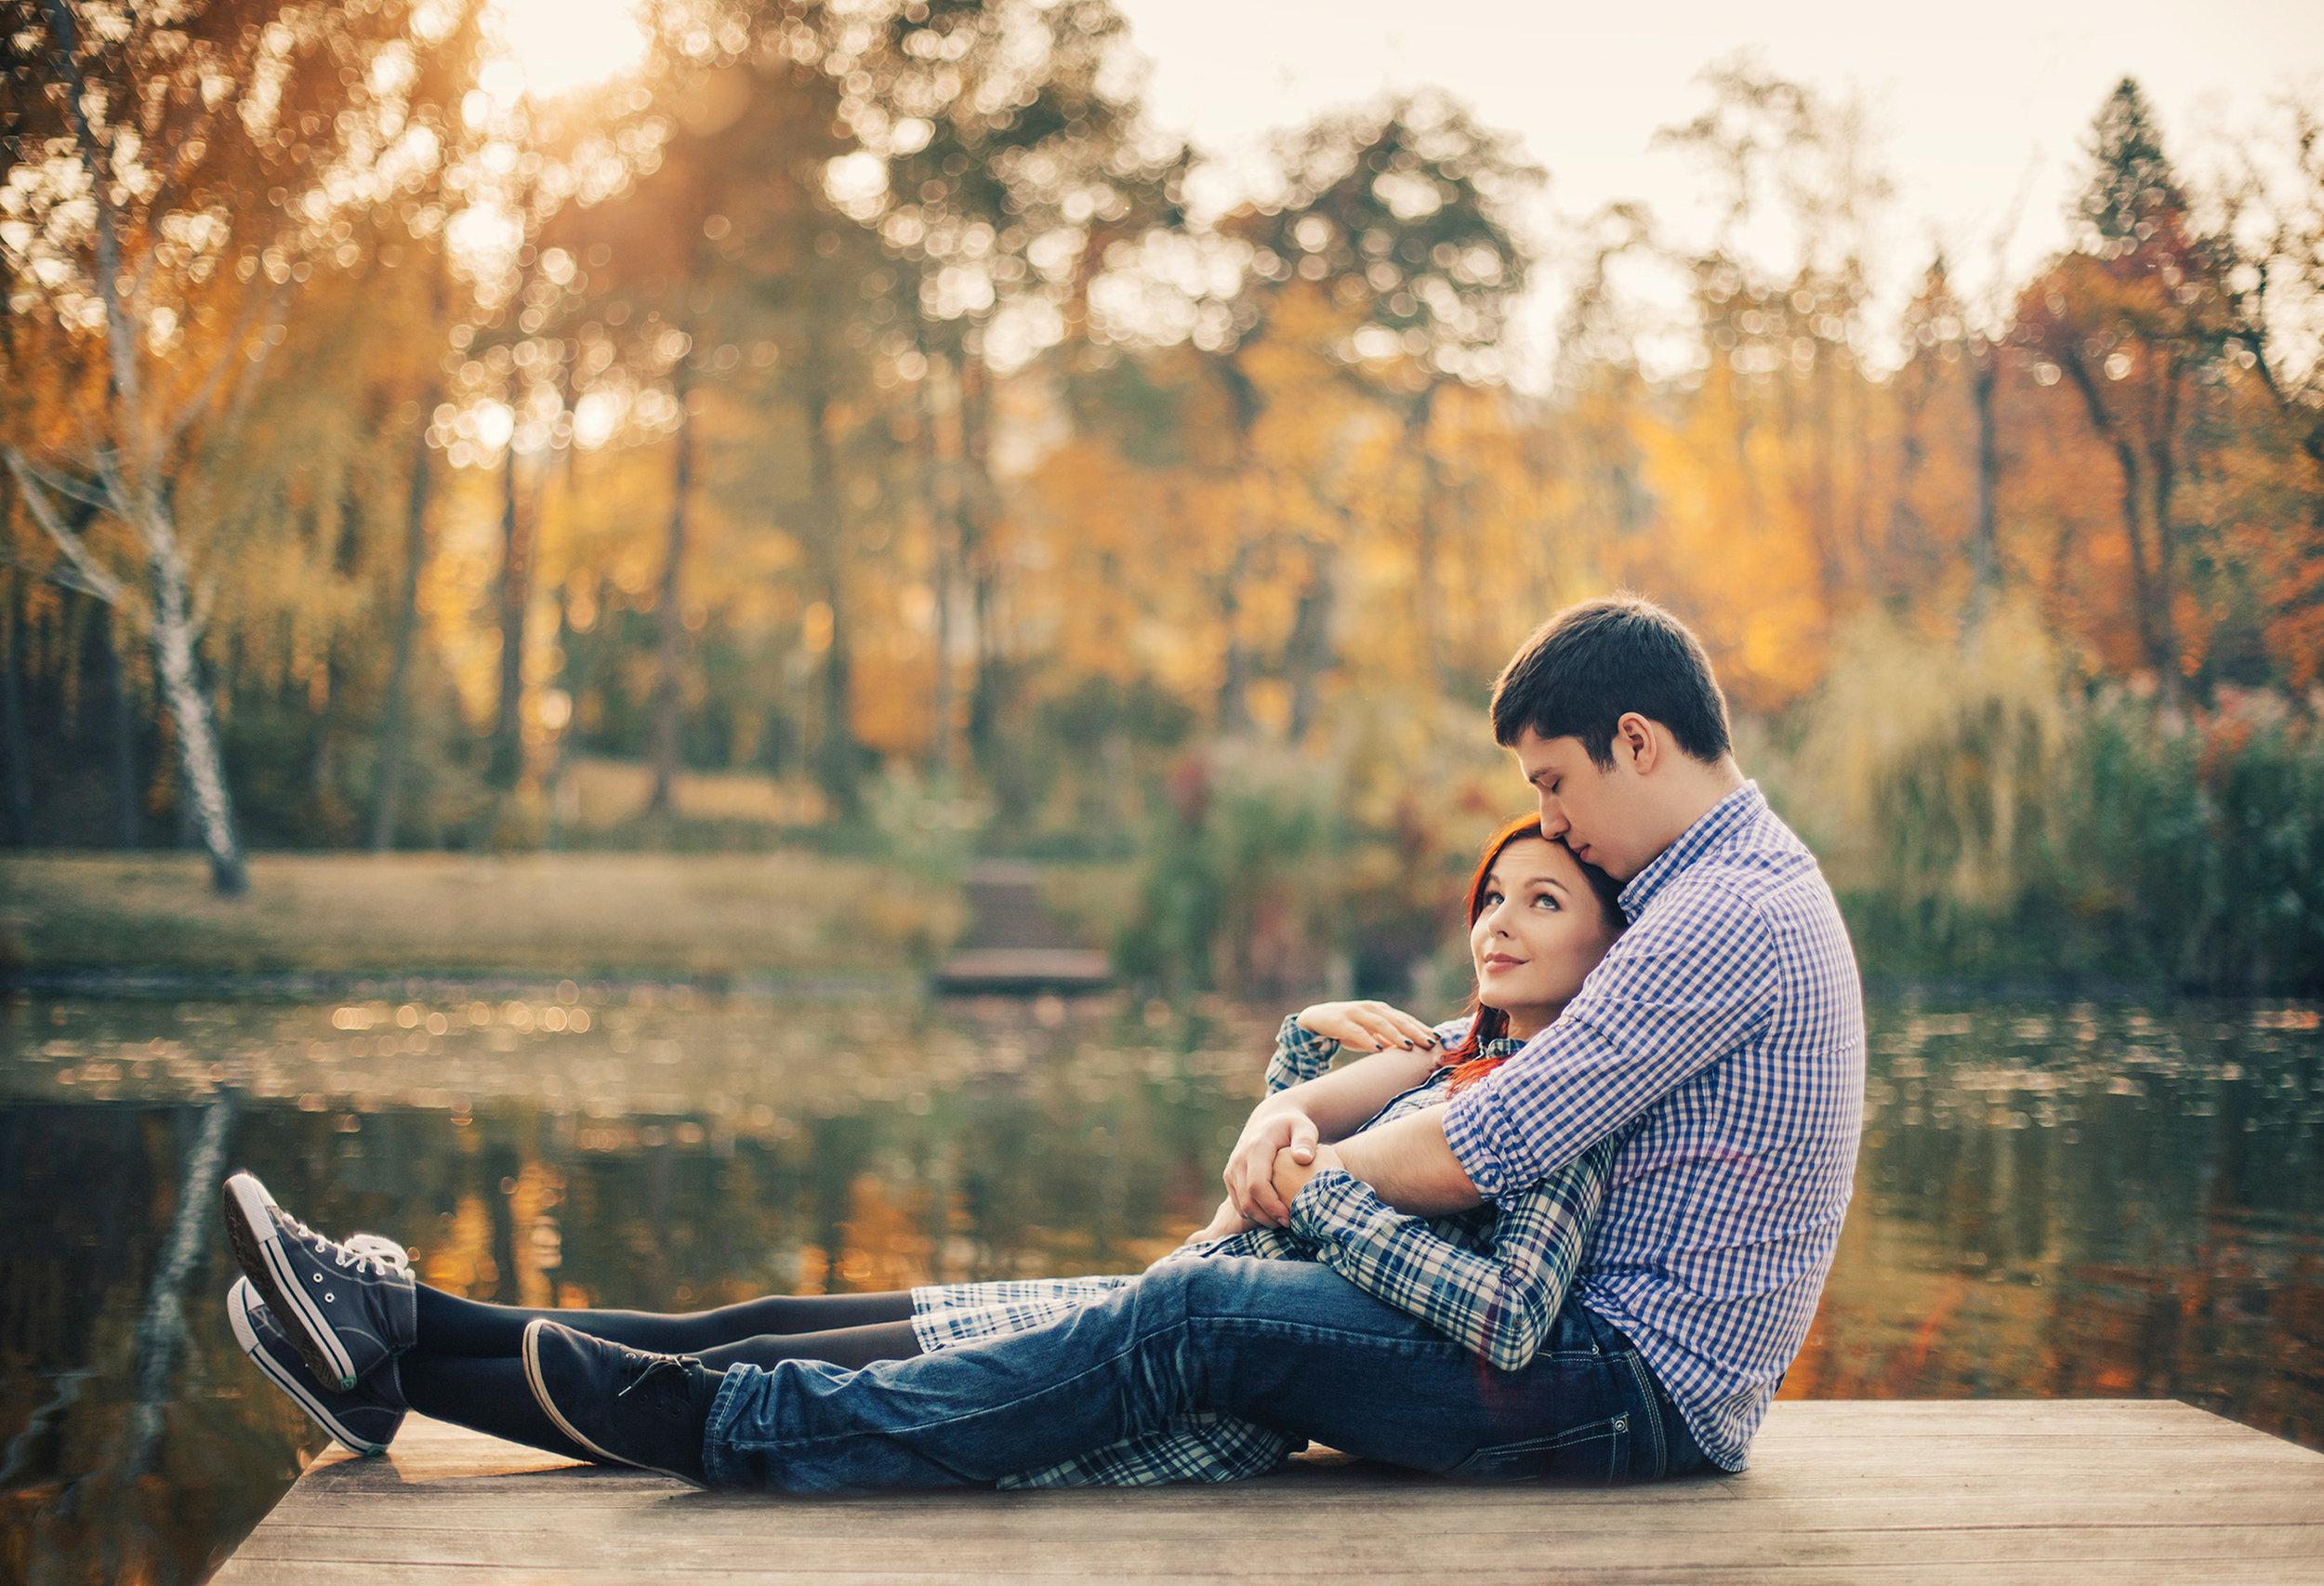 صور صور للمتزوجين , اجمل صور الحب والرومانسية للمتزوجين